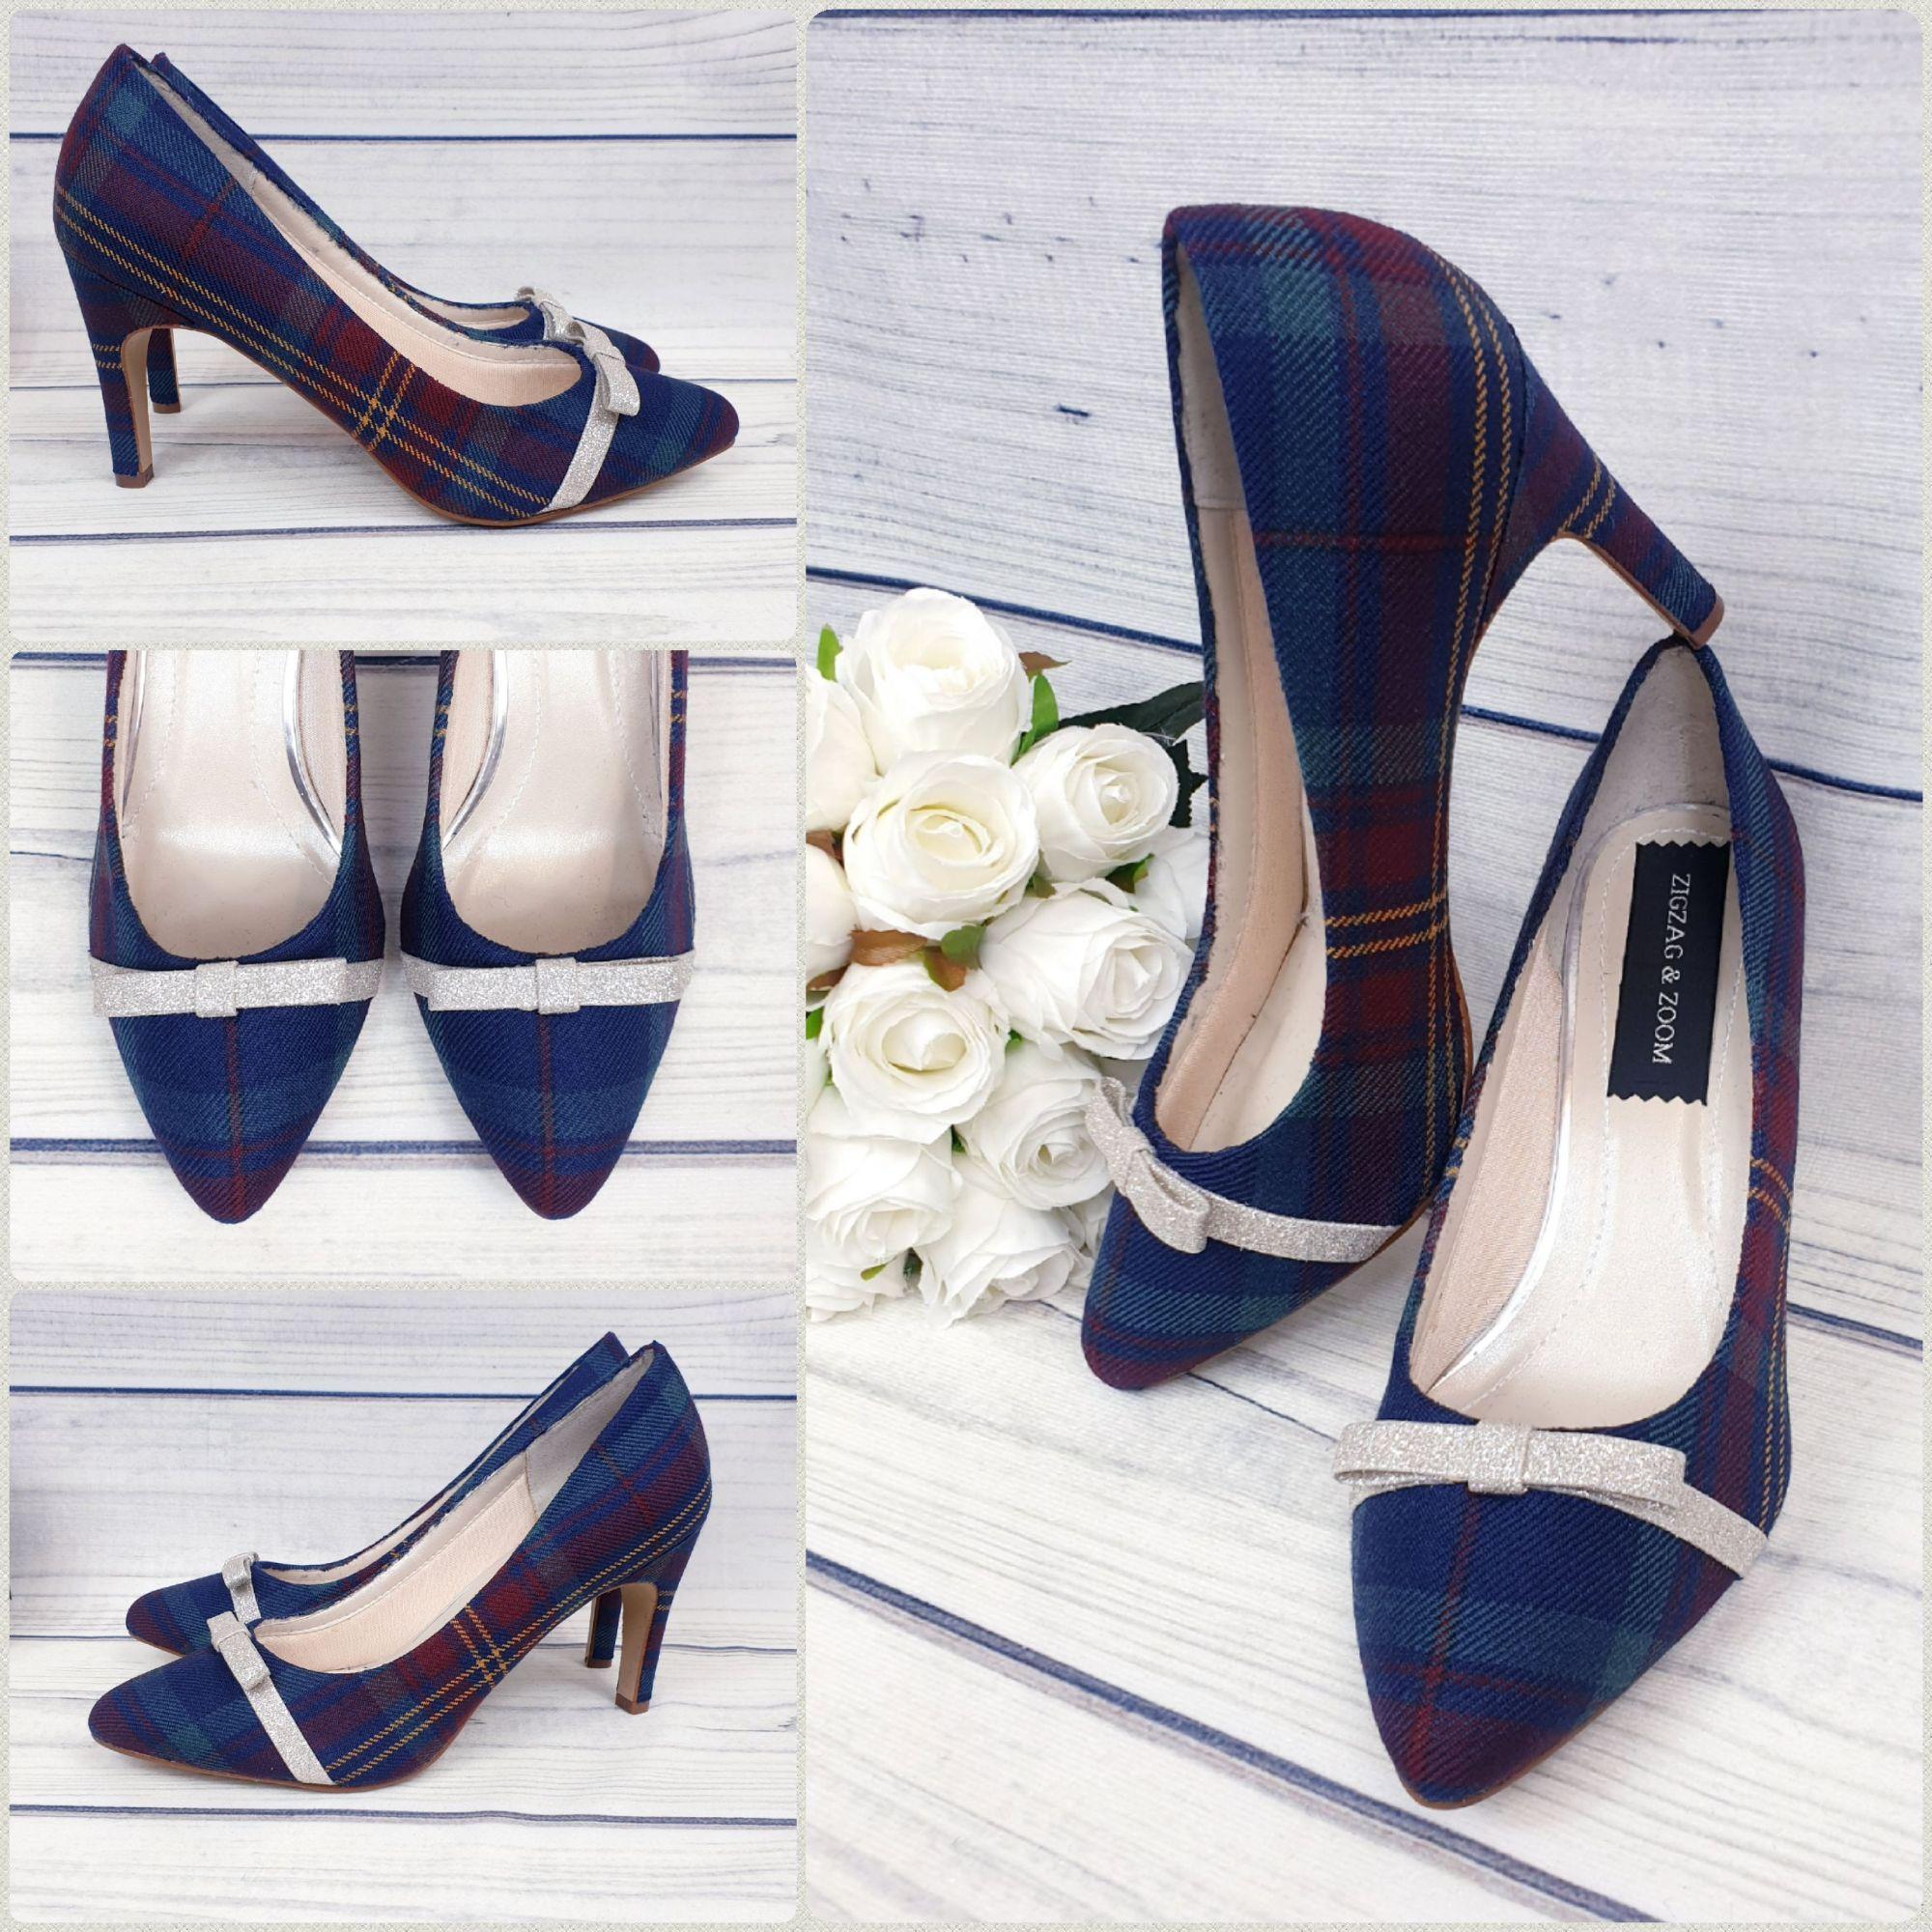 Stunning tartan wedding shoes, bespoke wedding shoes